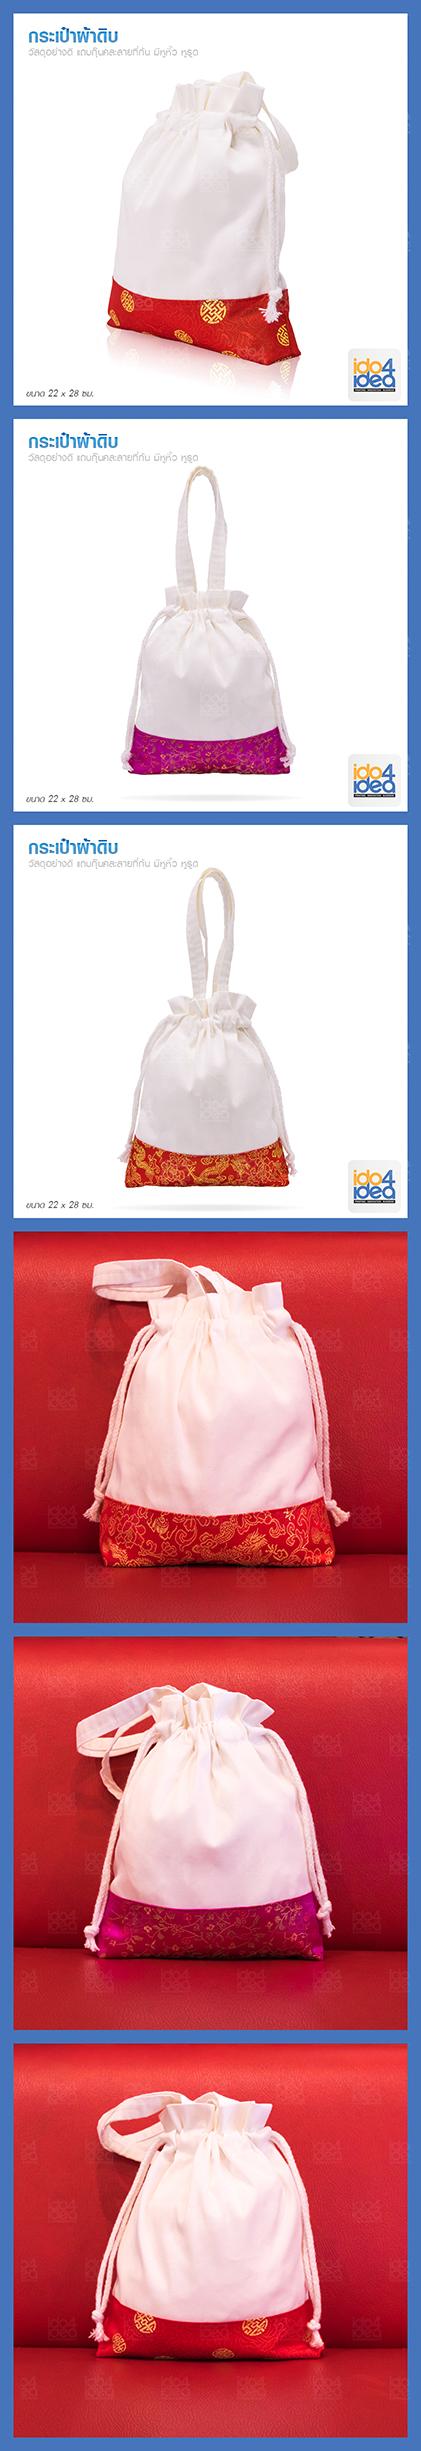 กระเป๋าผ้าดิบ แถบกุ๊นคละลายที่ก้น มีหูหิ้ว + หูรูด